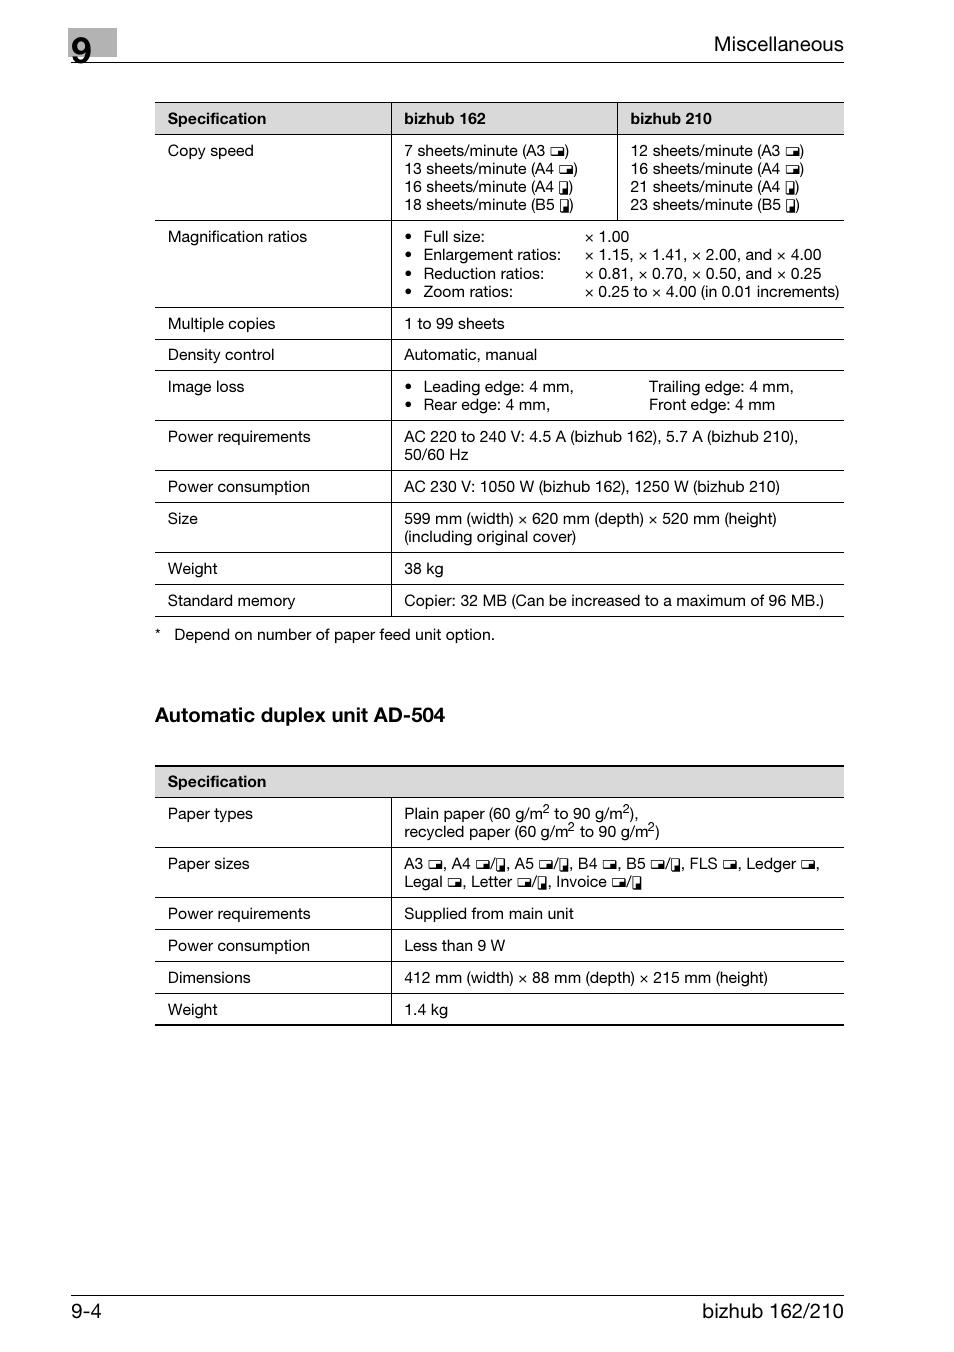 Konica Minolta 162 / Copier Bizhub 162 Developer Dv110 For